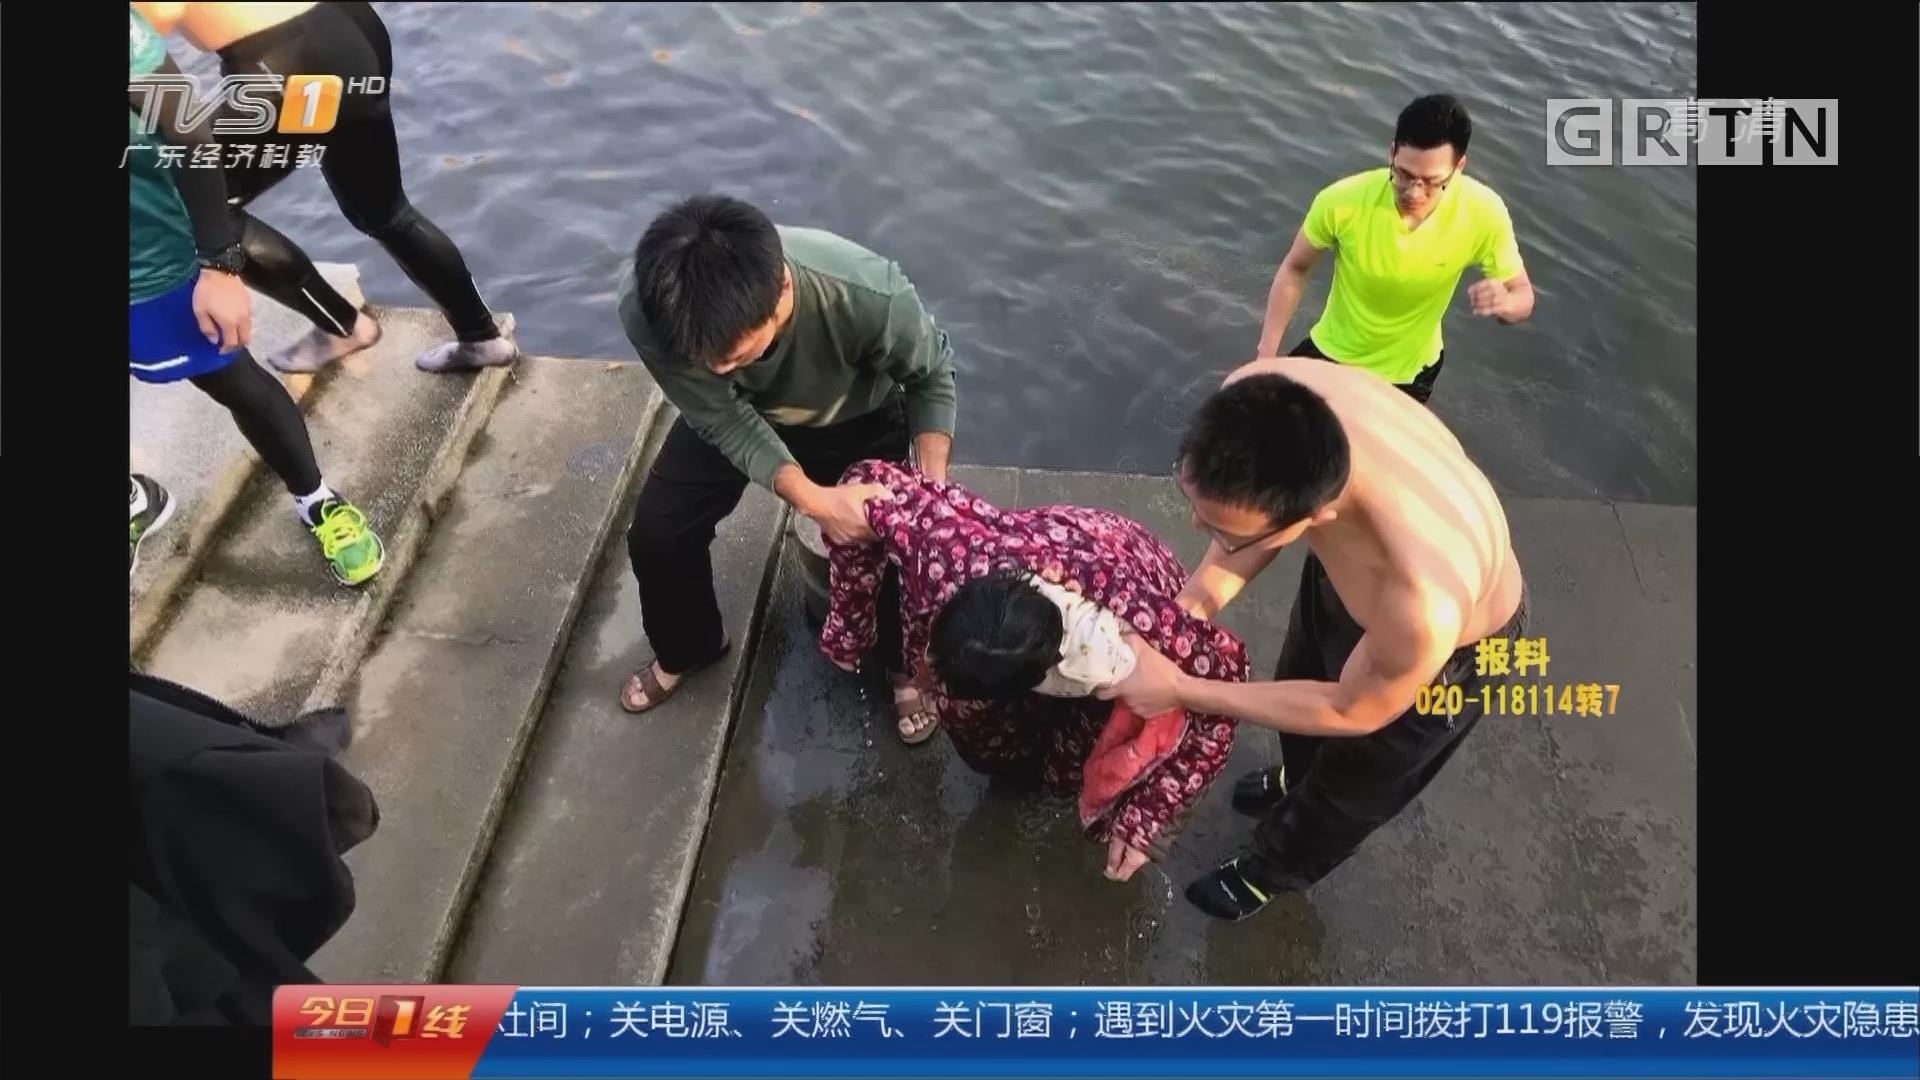 中山石歧:晨跑遇阿姨跳江 众人出手相救